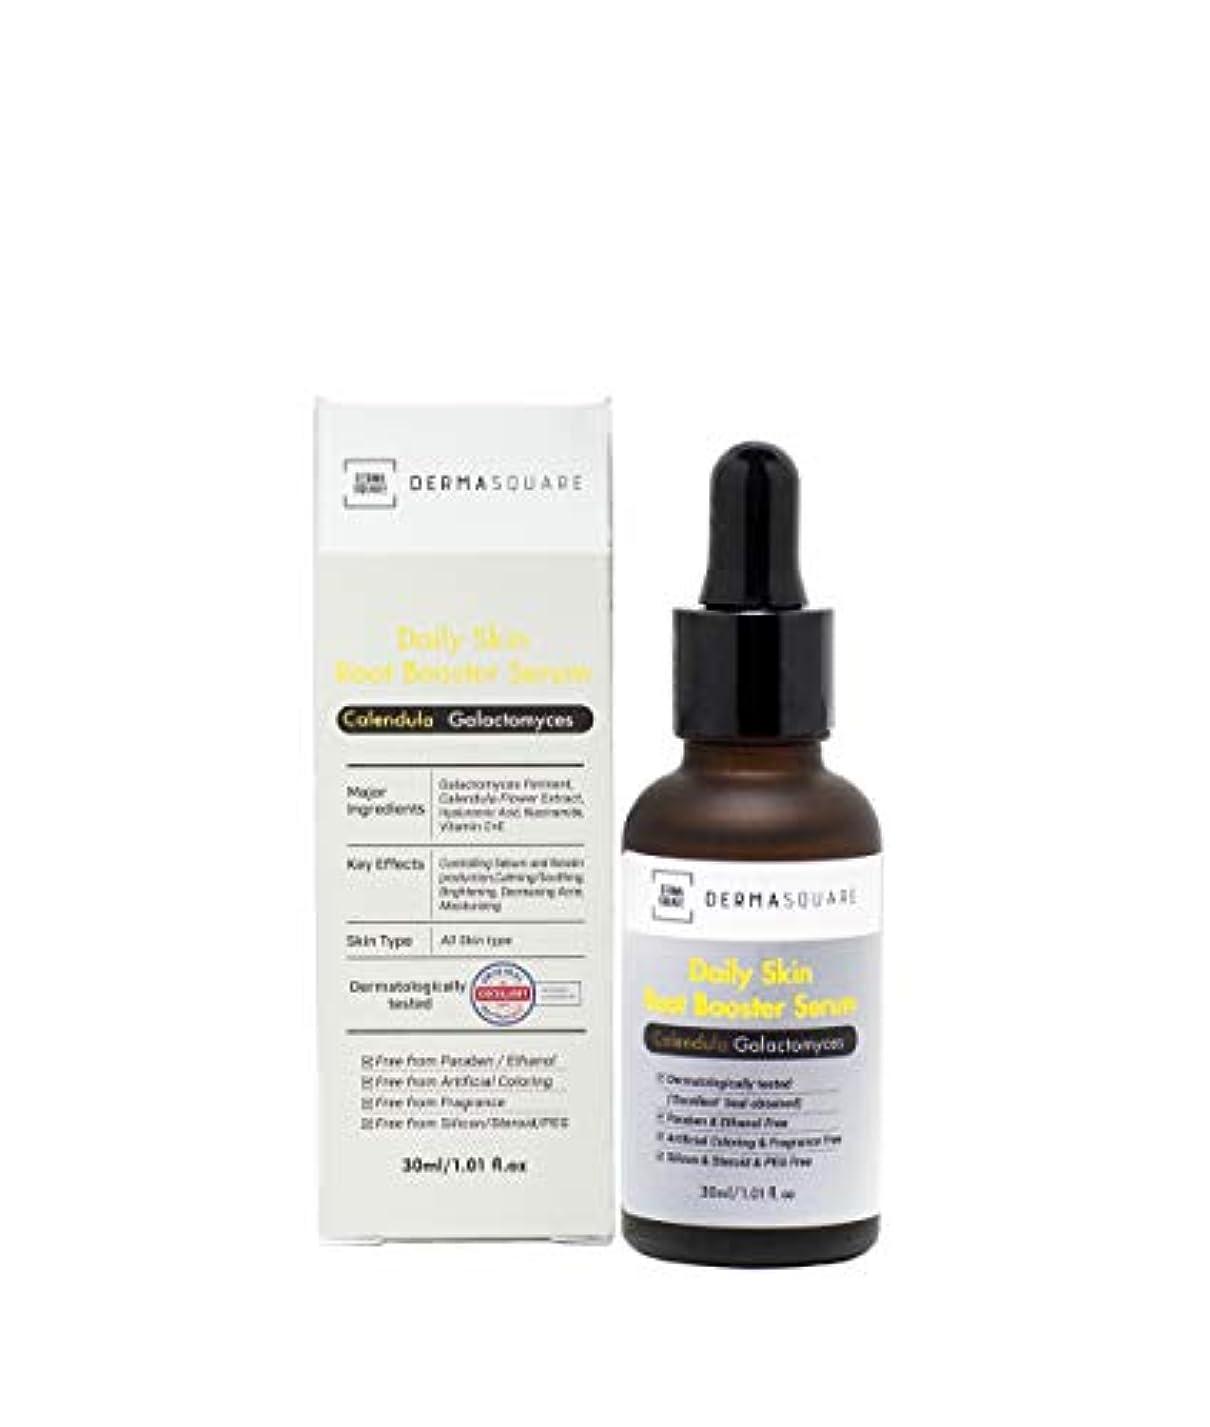 オフセットヒット操作[DERMASQUARE] デイリースキンルーツ ブースターセラム– 金盞花 ガラクトミセス フェイスアンプル - Daily Skin Root Booster Serum